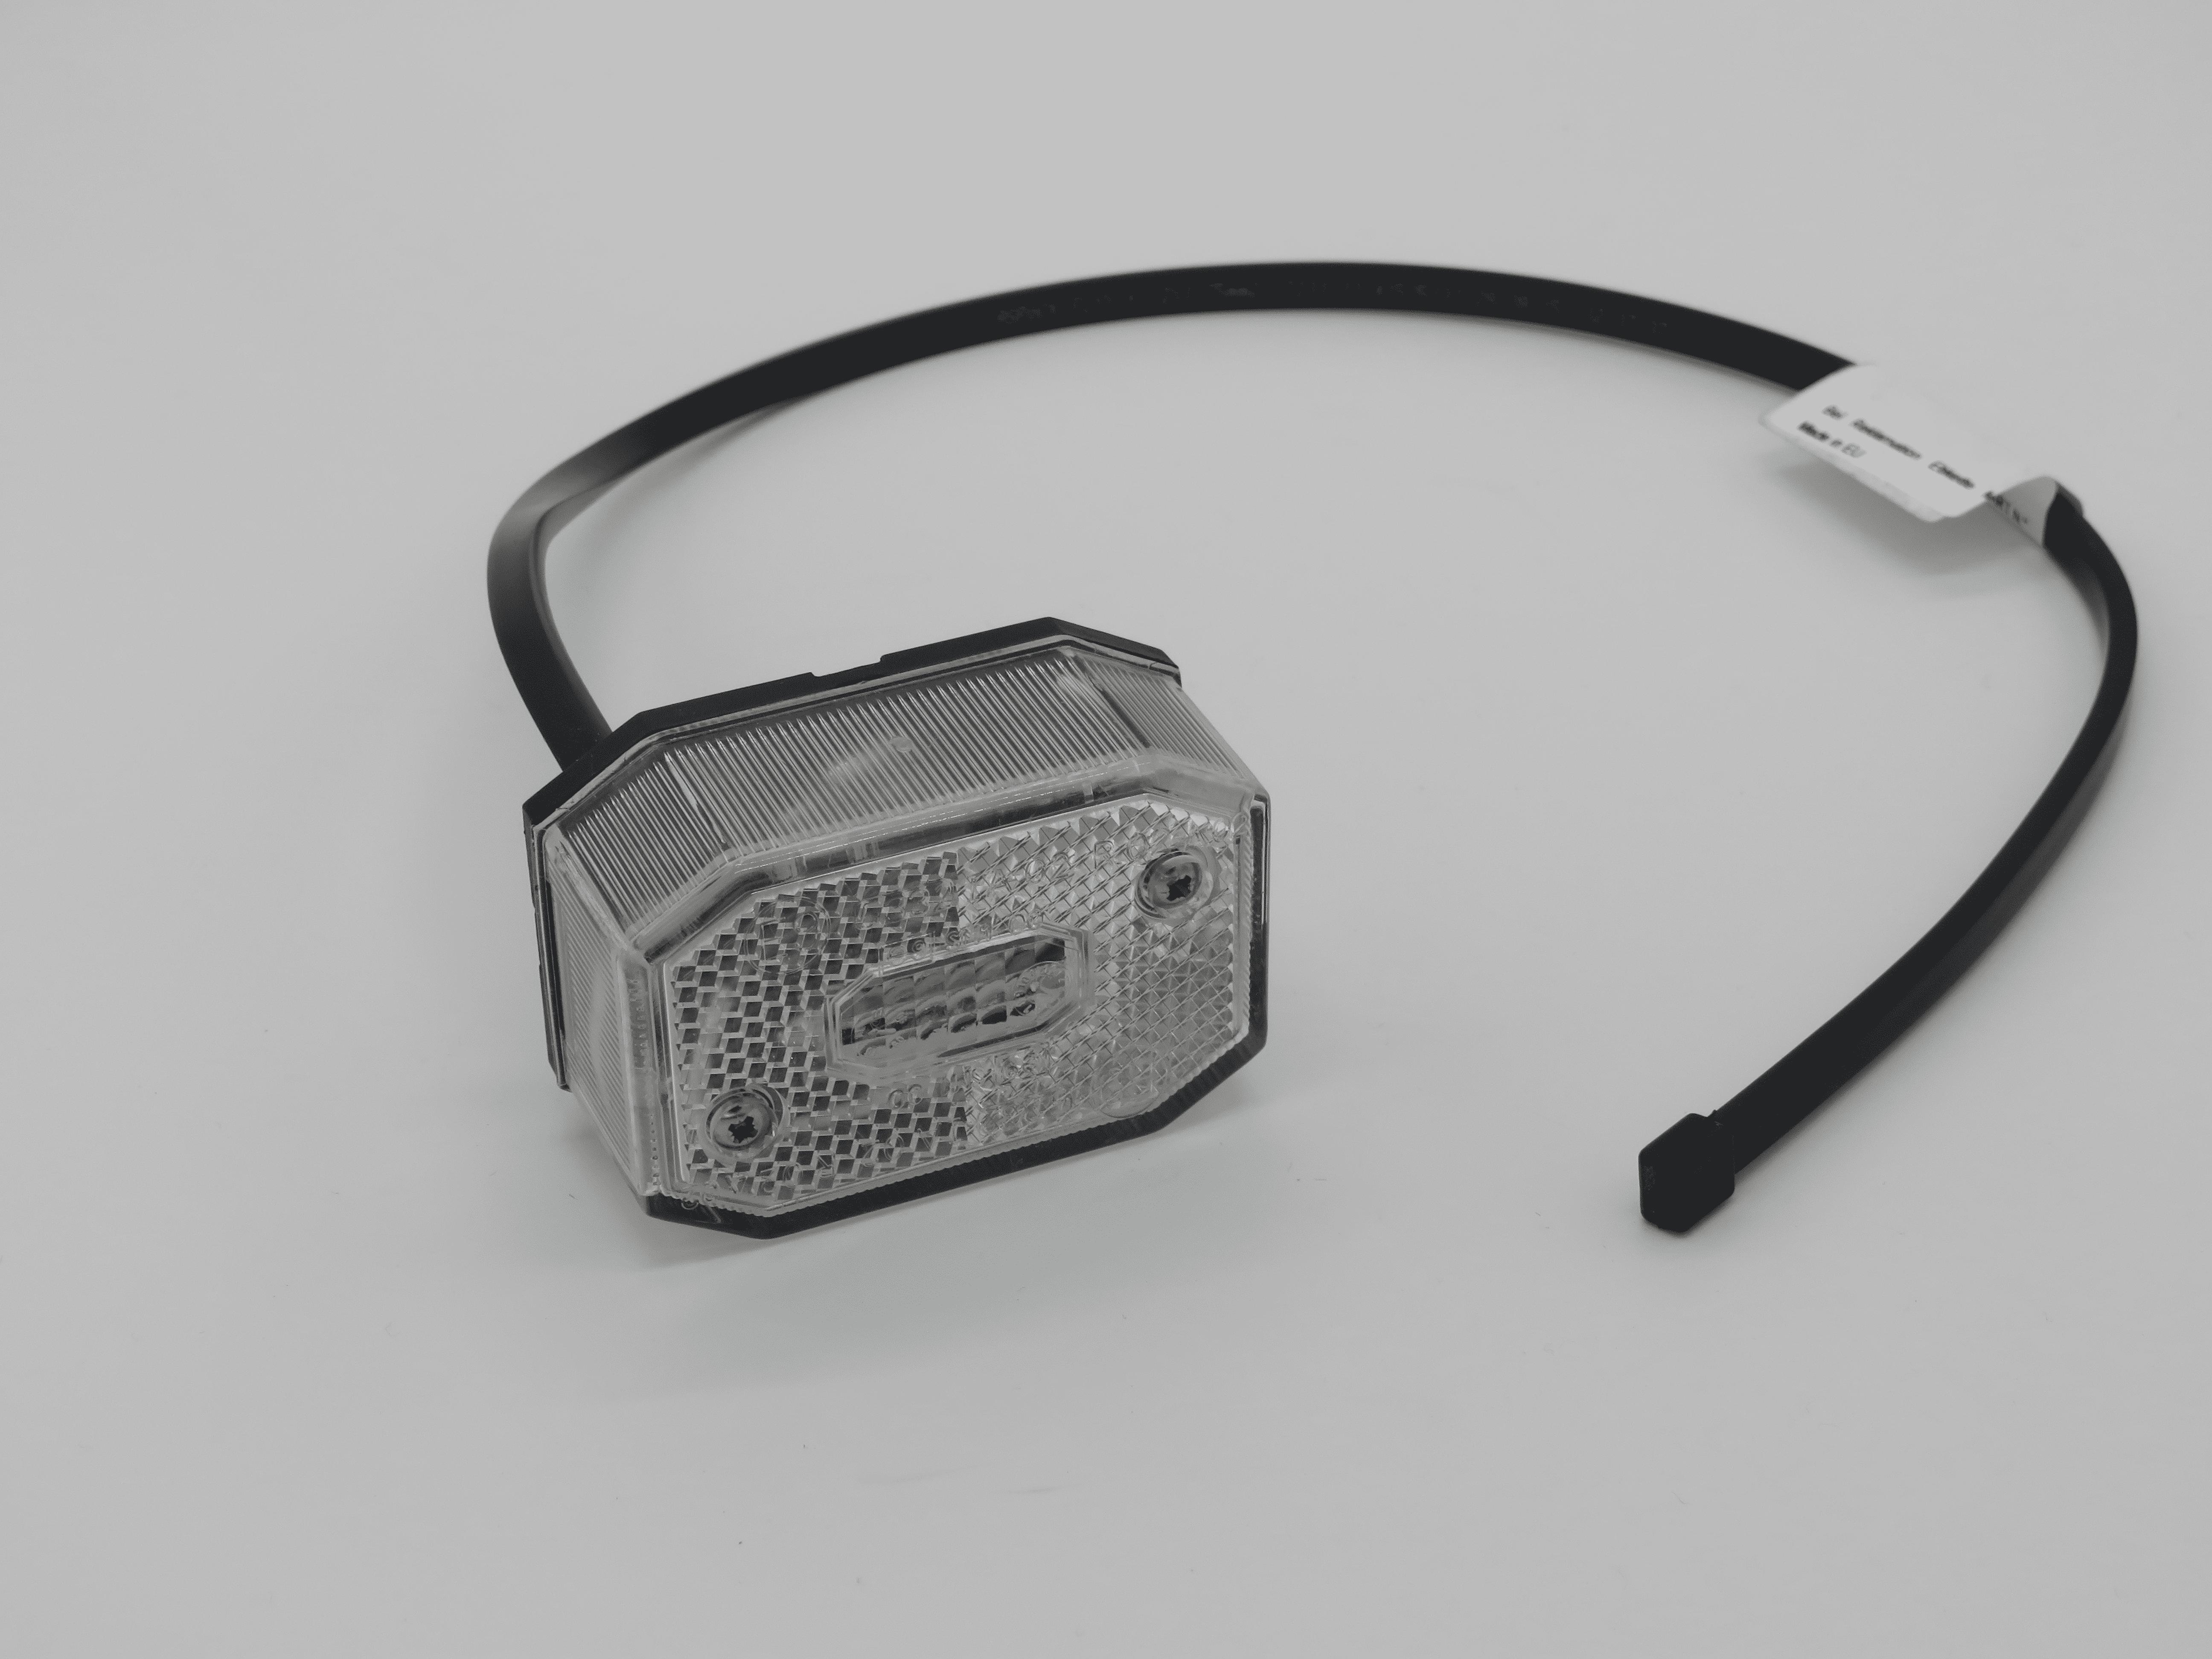 Begrenzungsleuchte Flexipoint I weiss mit Kabel